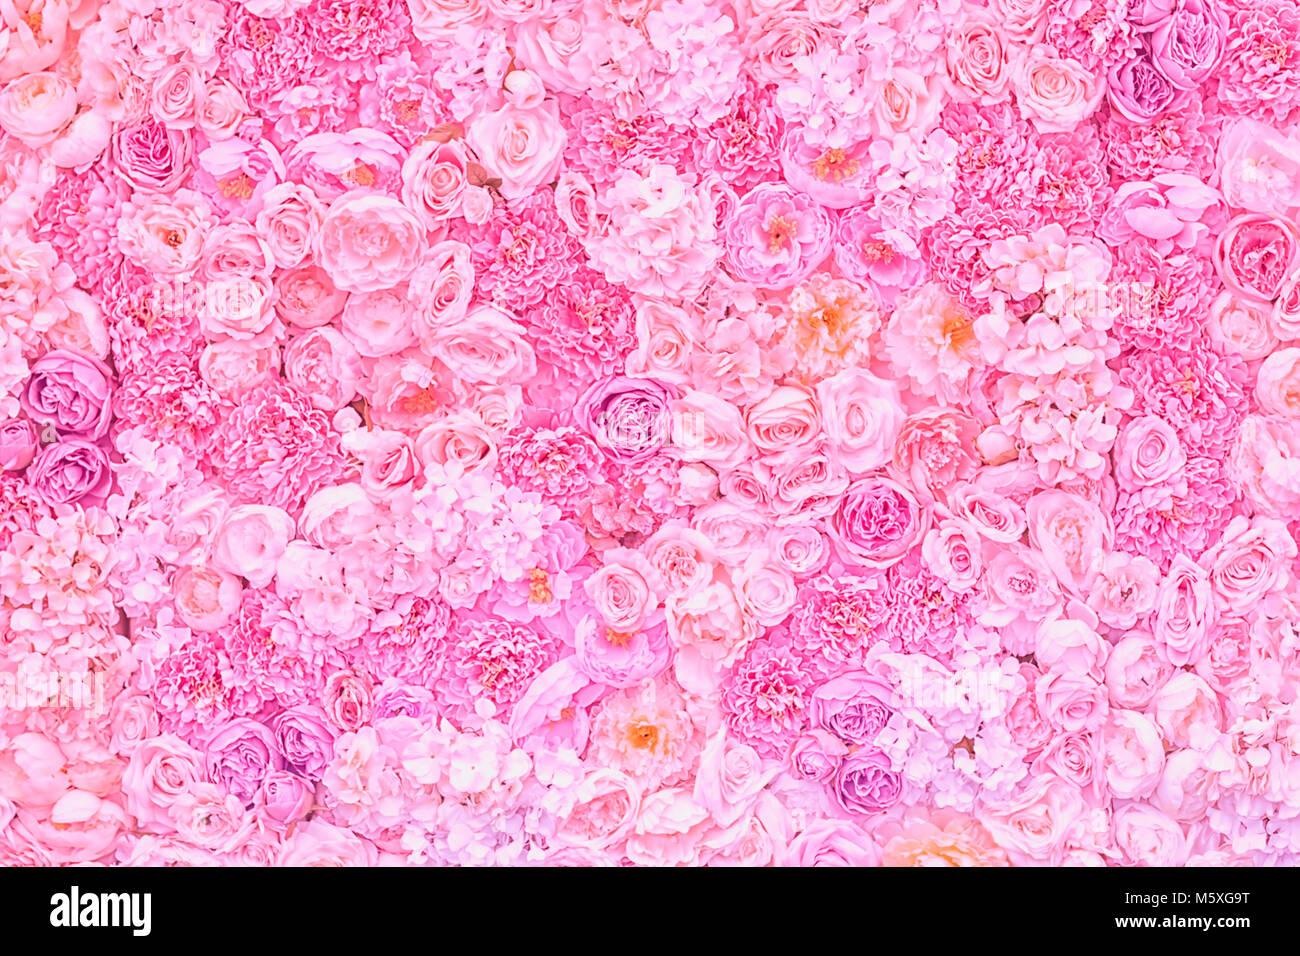 Blumen Rosa Pastell Hintergrund Hochzeit Dekoration Romantische